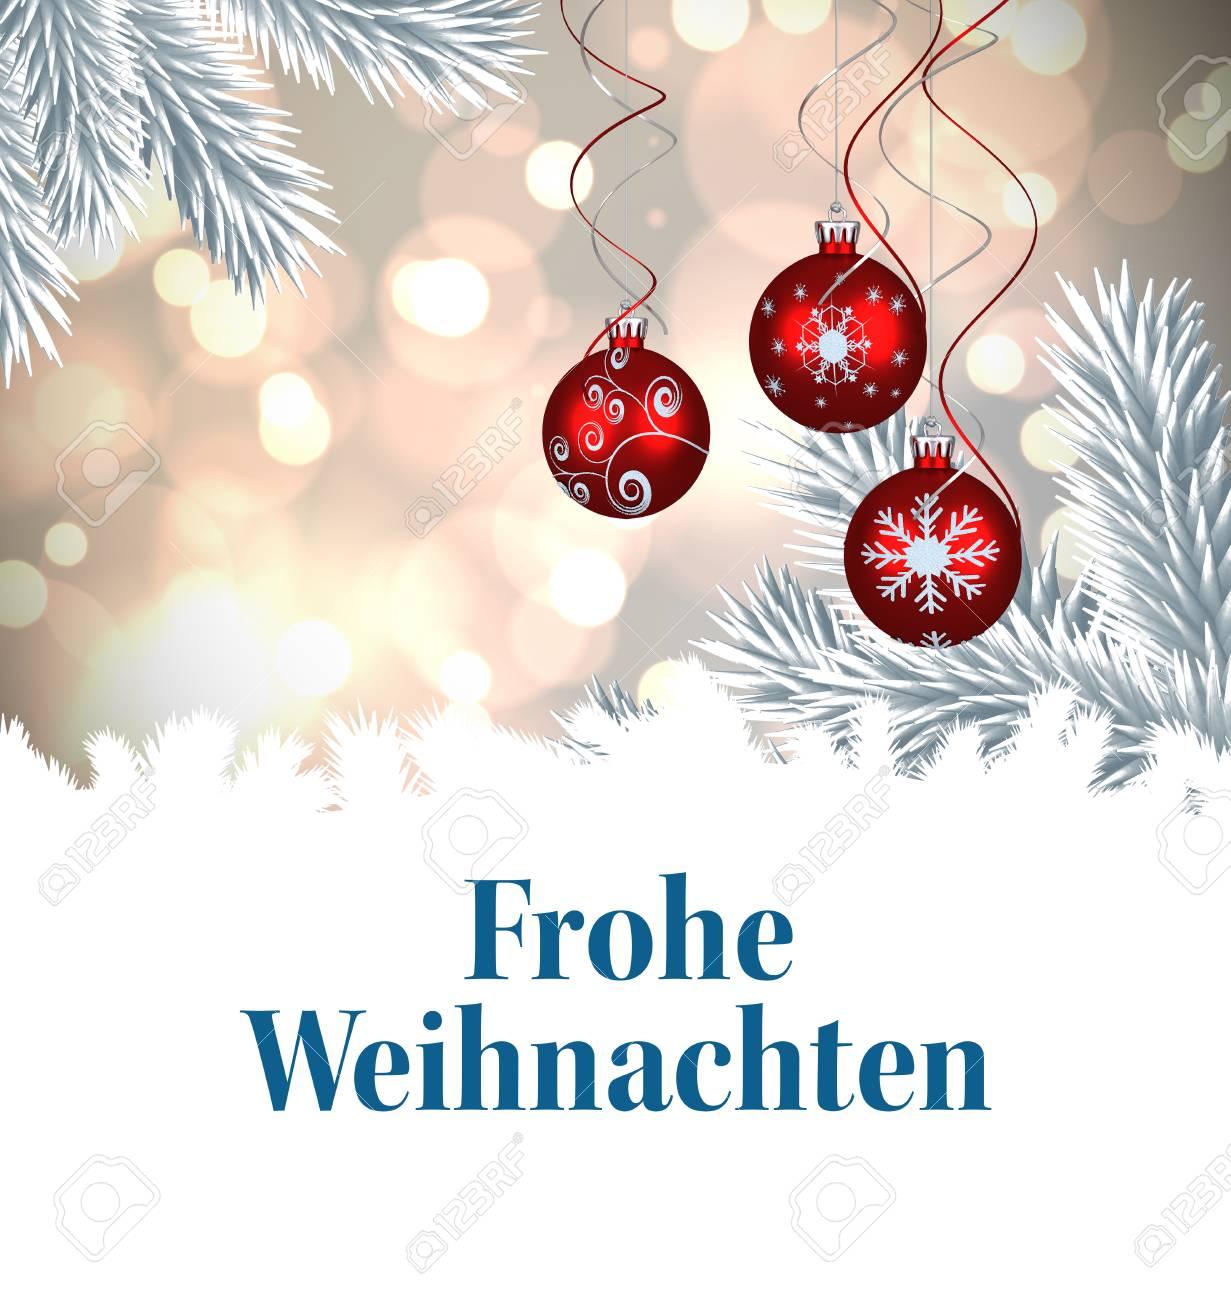 Weihnachtsgrüße Deutsch.Stock Photo